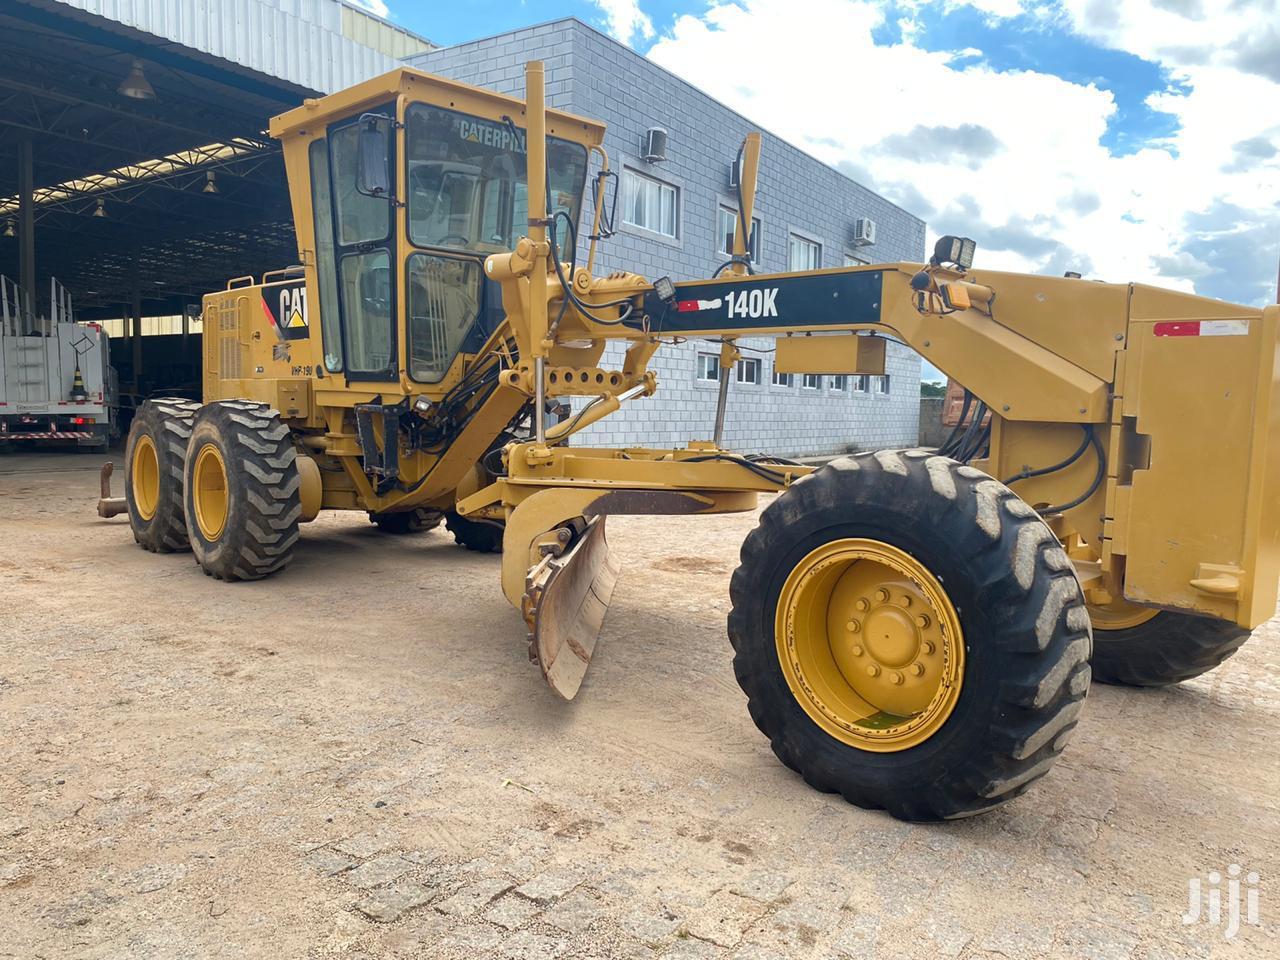 2011 CAT 140K Motor Grader for Sale!   Heavy Equipment for sale in Embakasi, Nairobi, Kenya